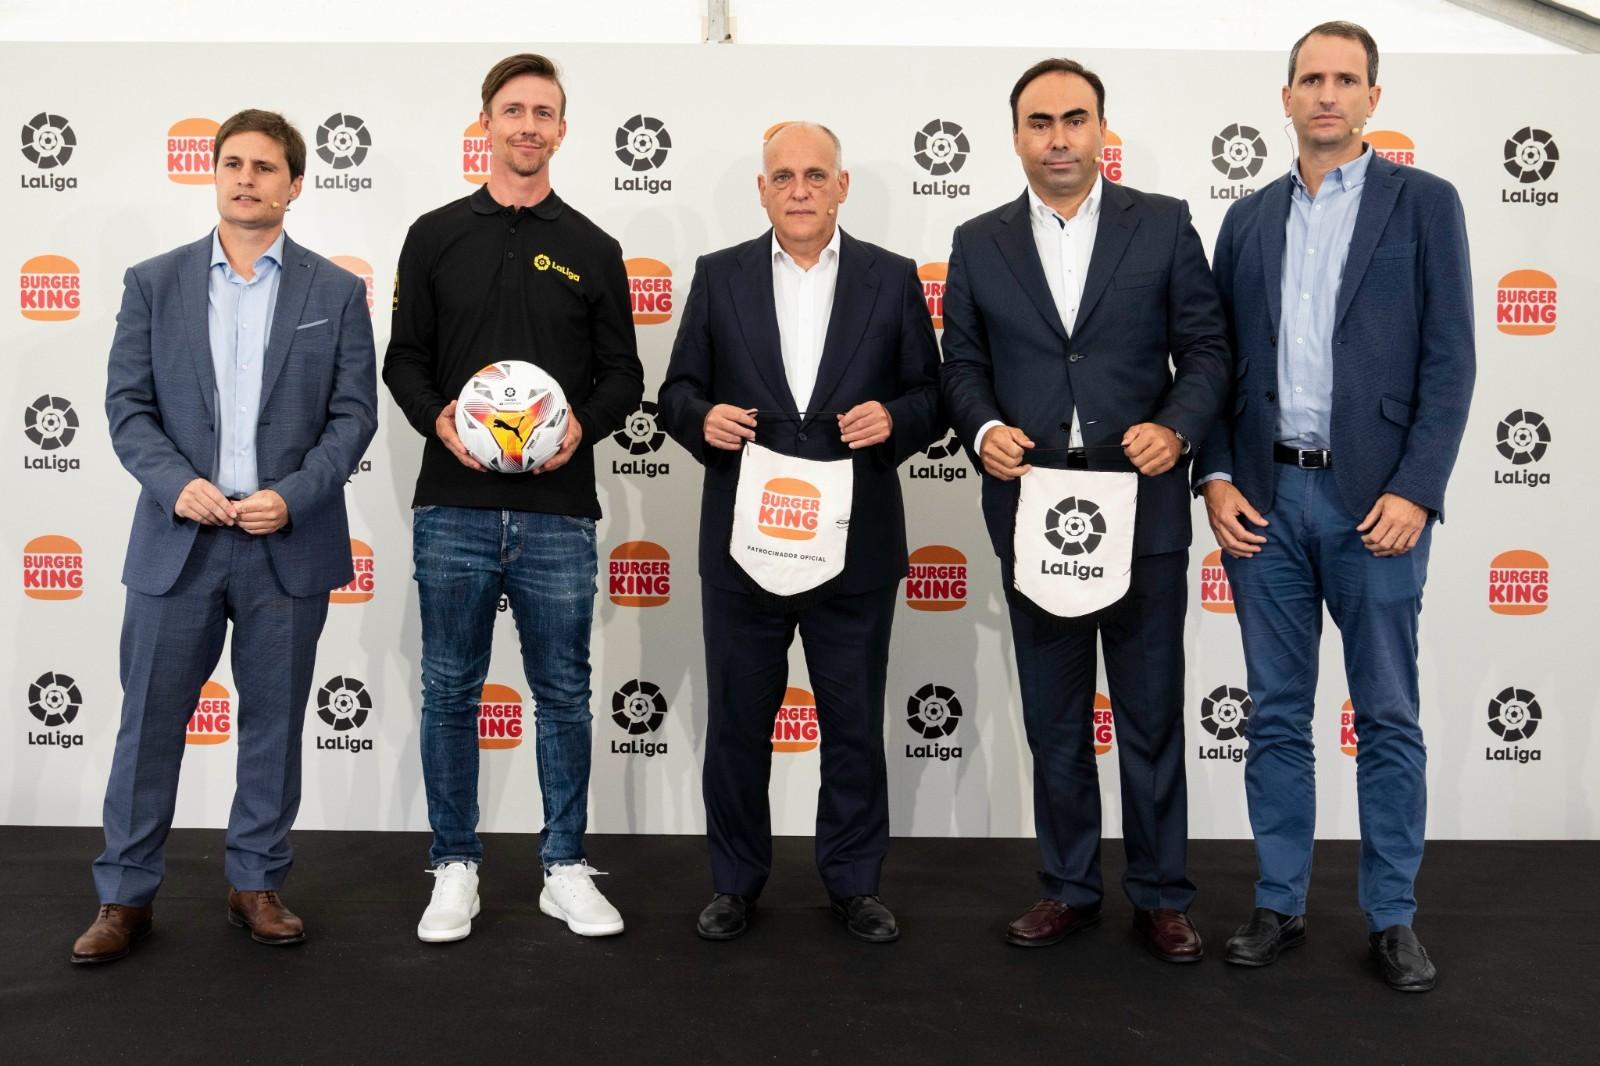 汉堡王成为西甲联赛赞助商,签约3年